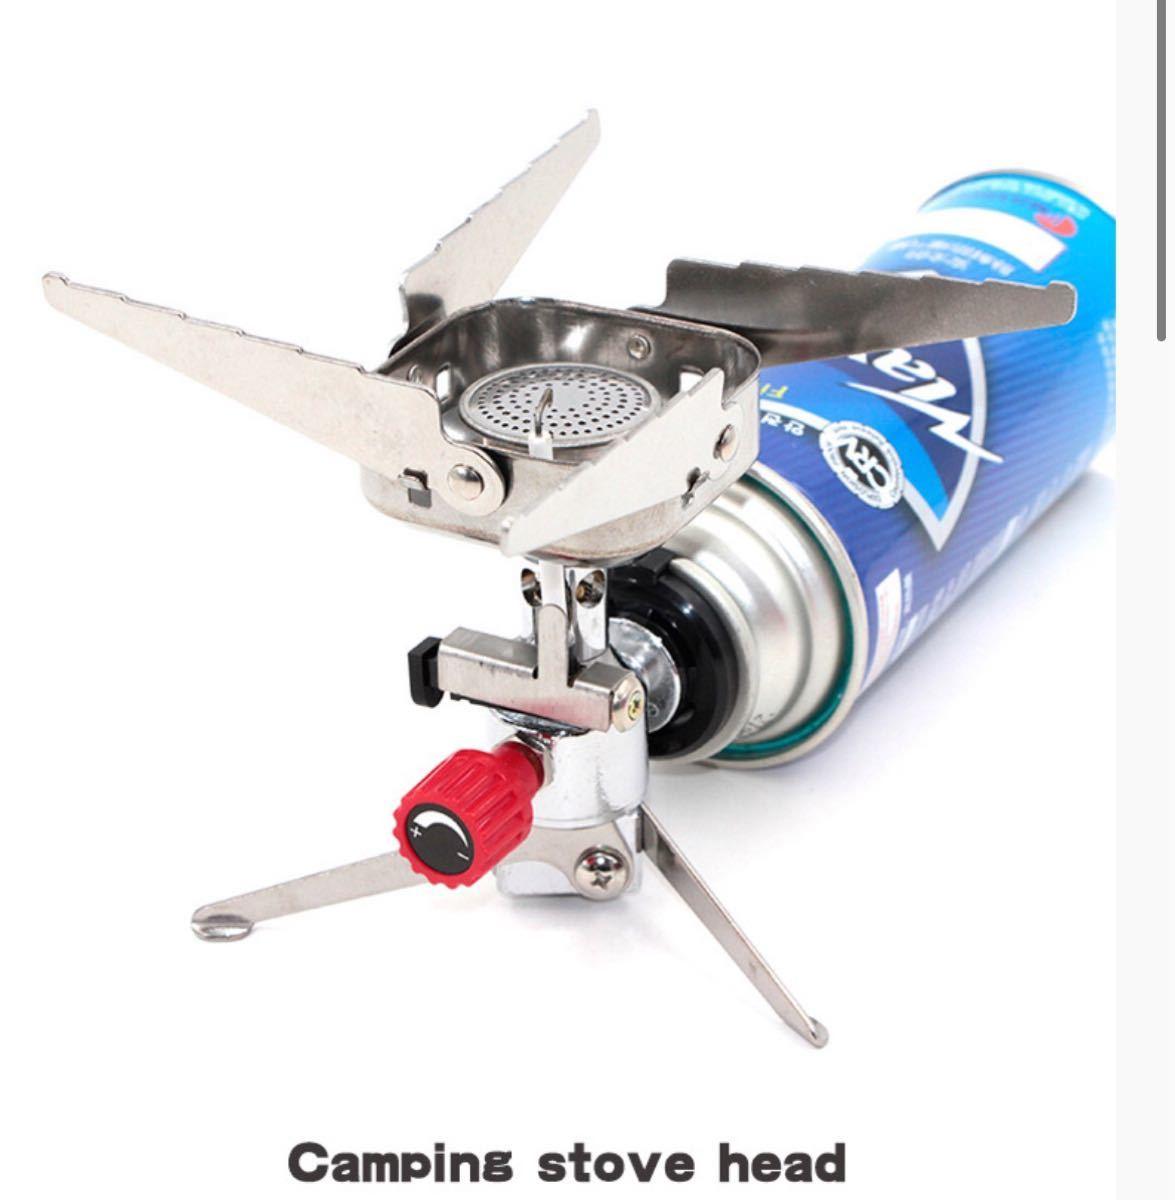 CB缶対応 シングルバーナー コンパクトバーナー ガスバーナー ガスコンロ 3000kw